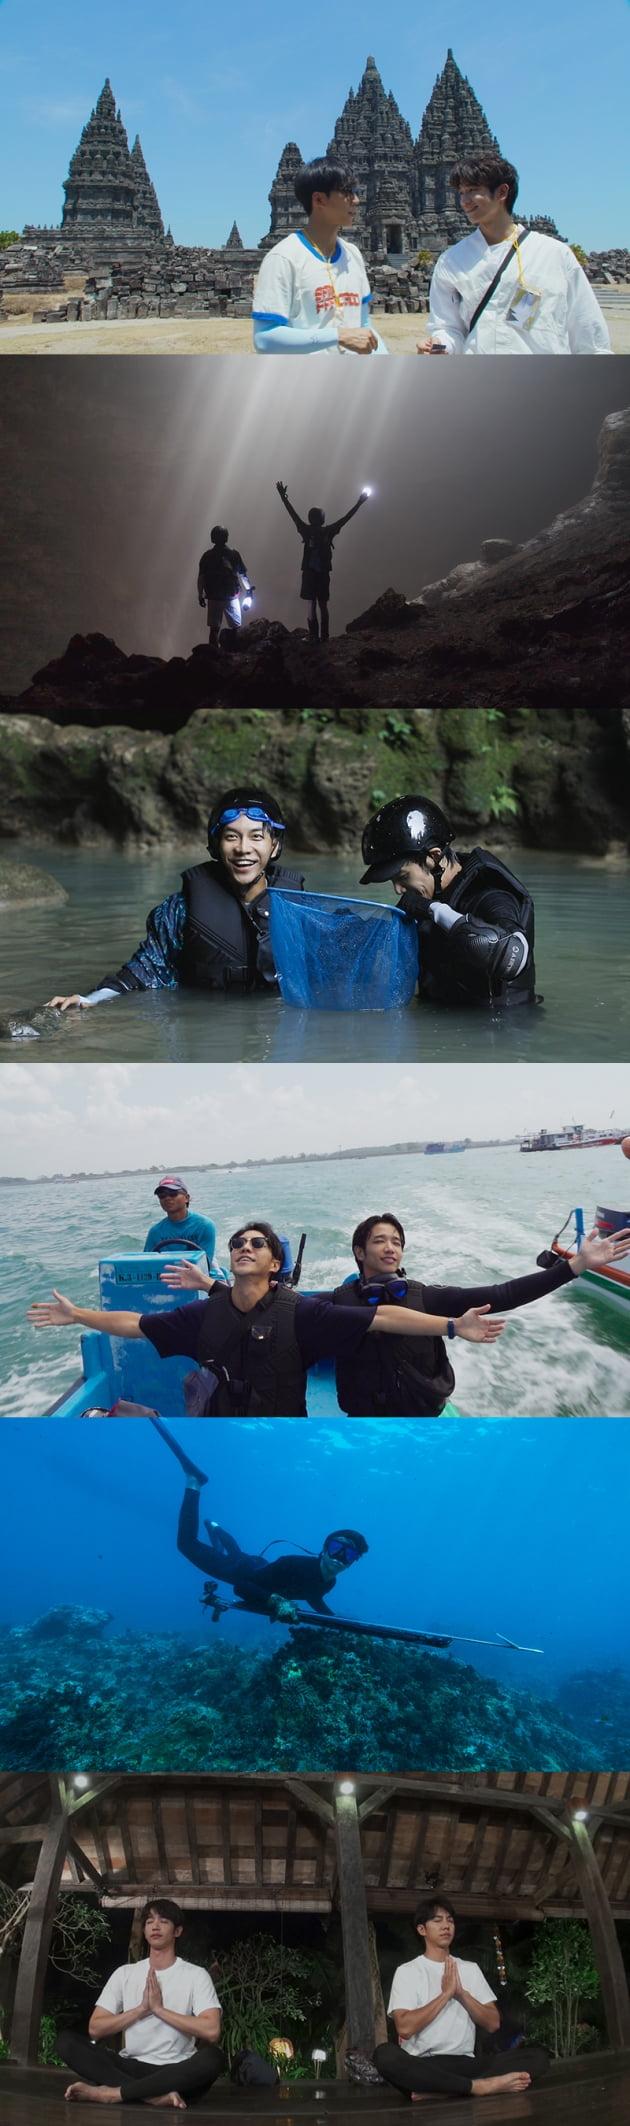 '투게더' 이승기X류이호, 첫 여행지 인도네시아 스틸 공개 '눈호강'